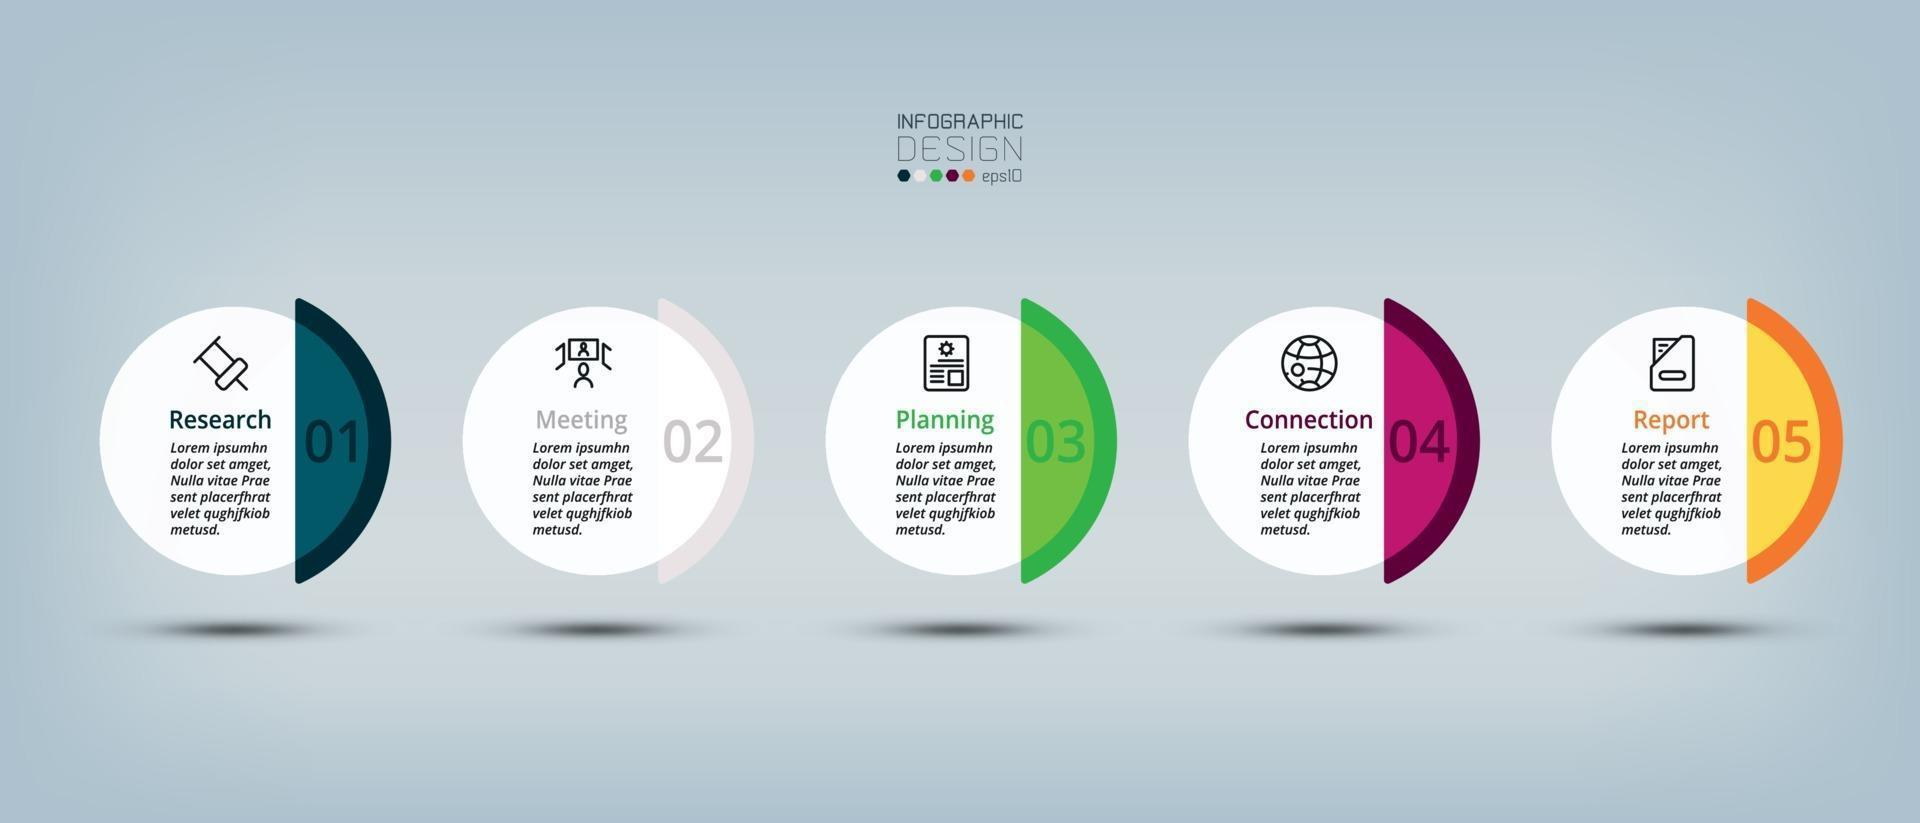 le cercle en 5 étapes avec une large gamme de couleurs peut être utilisé pour de multiples tâches telles que les supports publicitaires, la conception et la planification d'entreprise. infographie vectorielle. vecteur